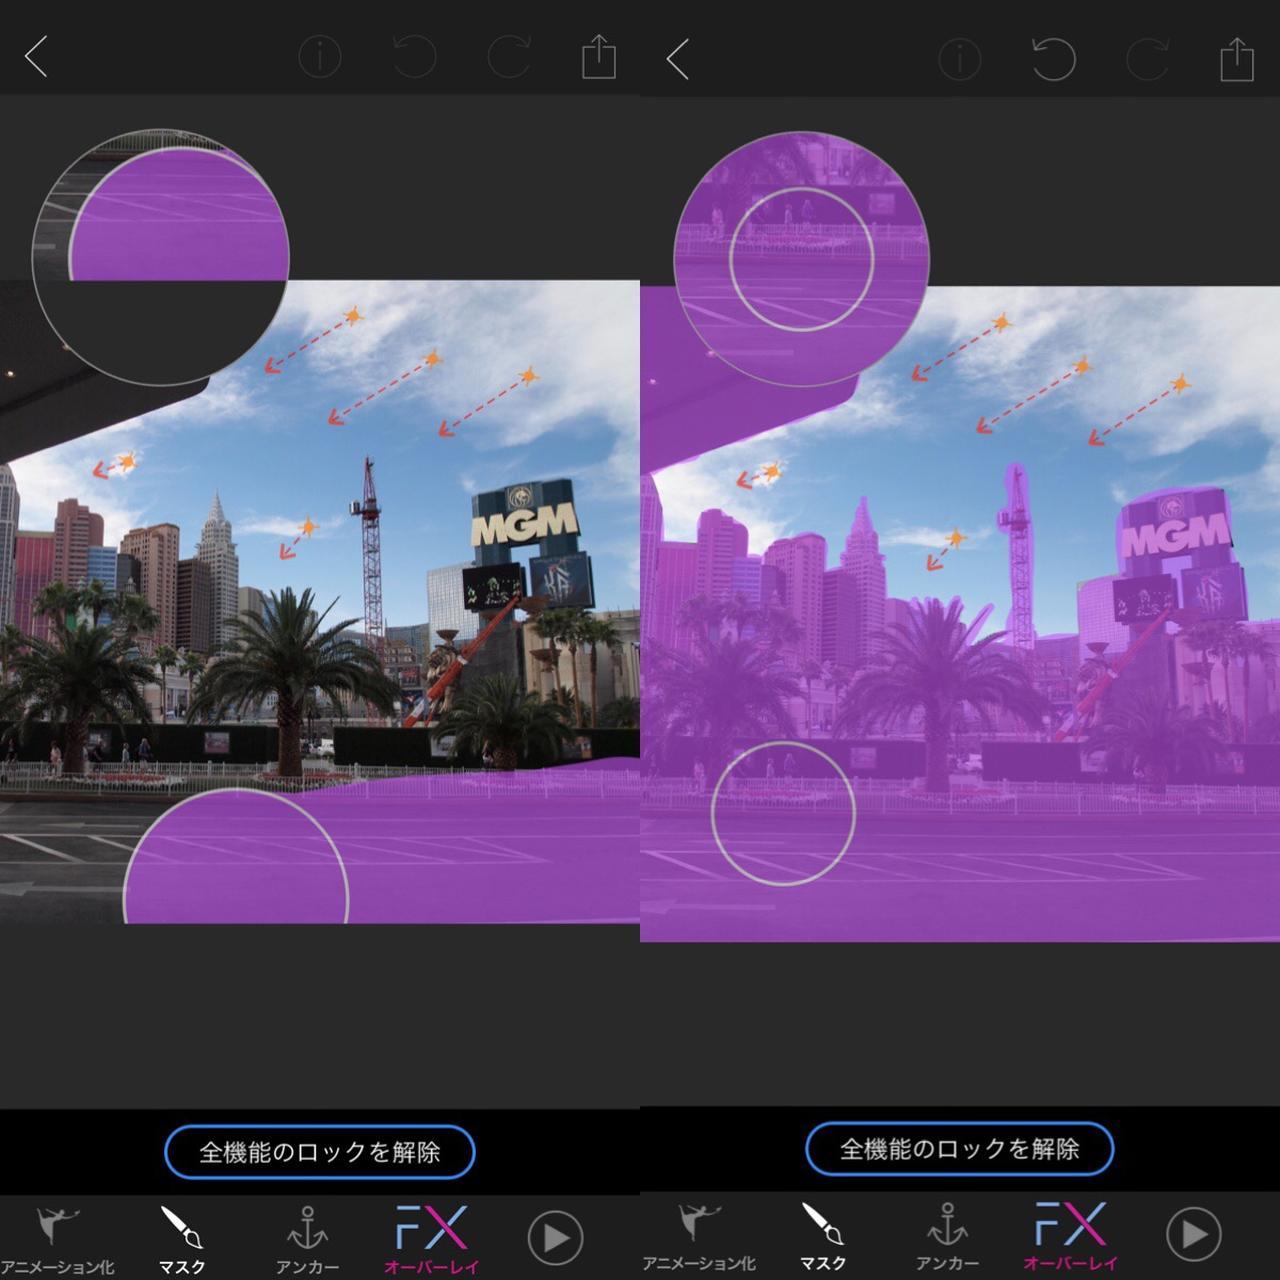 画像2: 動く方向と、どこまで動かすか、動かさないものを決めるだけ。